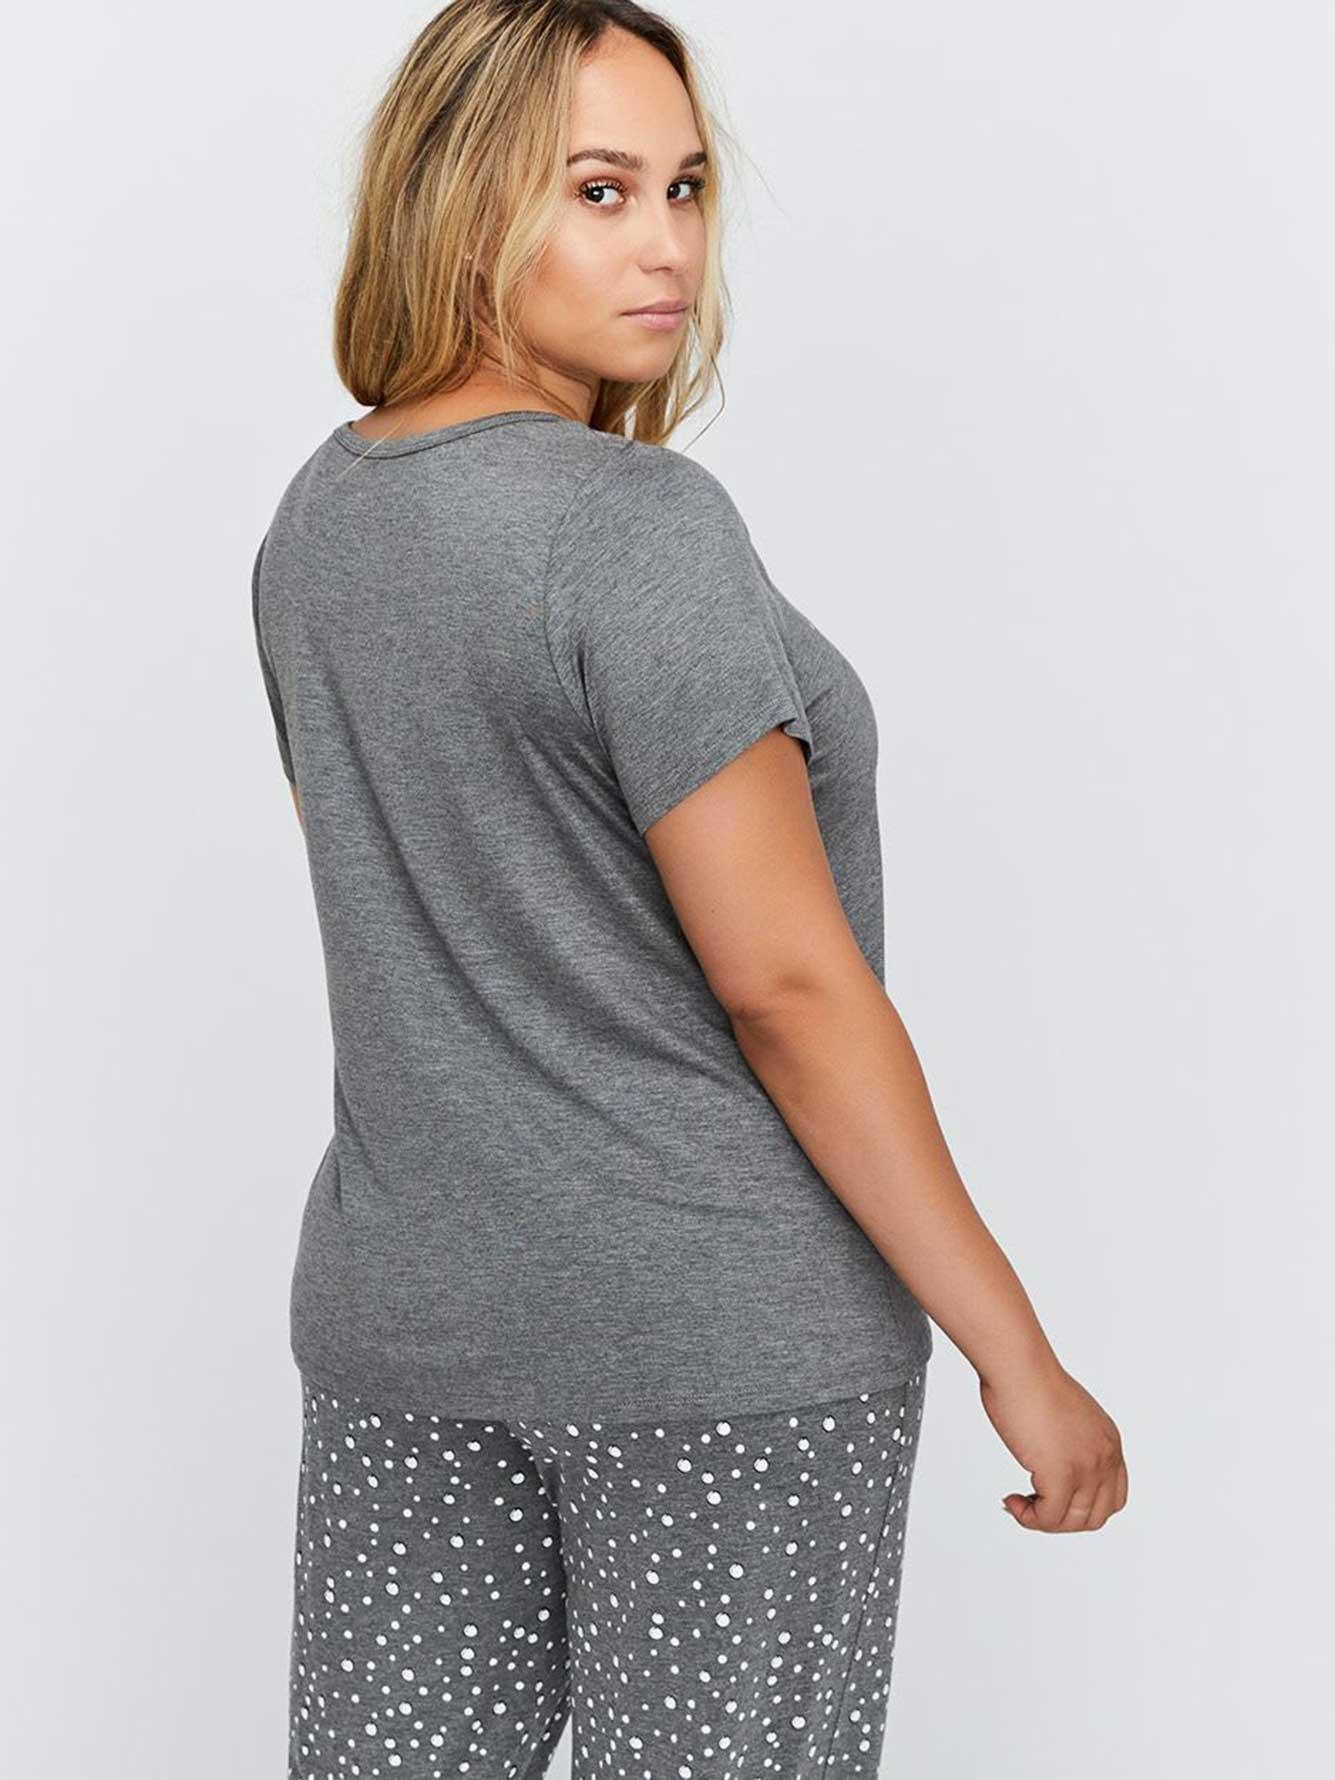 68a184634 PJ T-Shirt with Print - Déesse Collection | Addition Elle